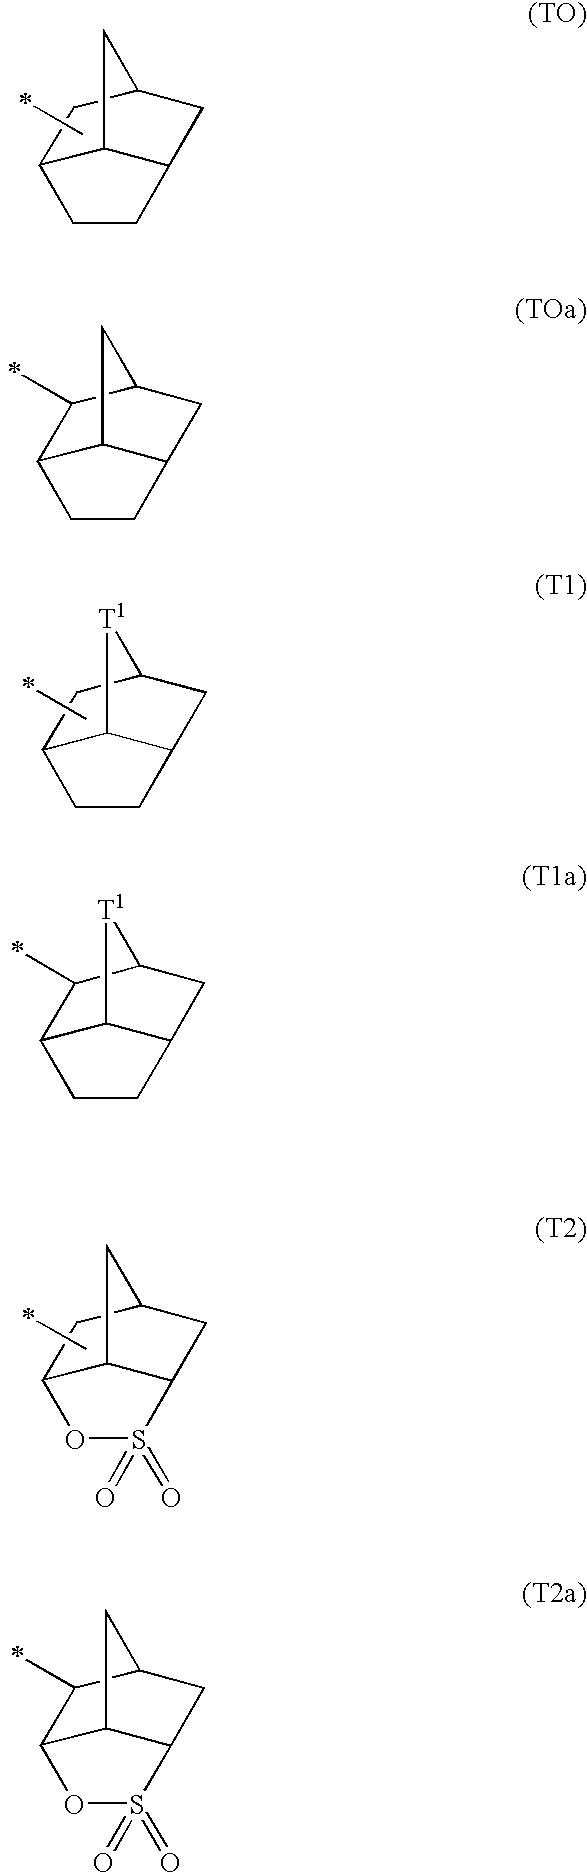 Figure US20100323296A1-20101223-C00010